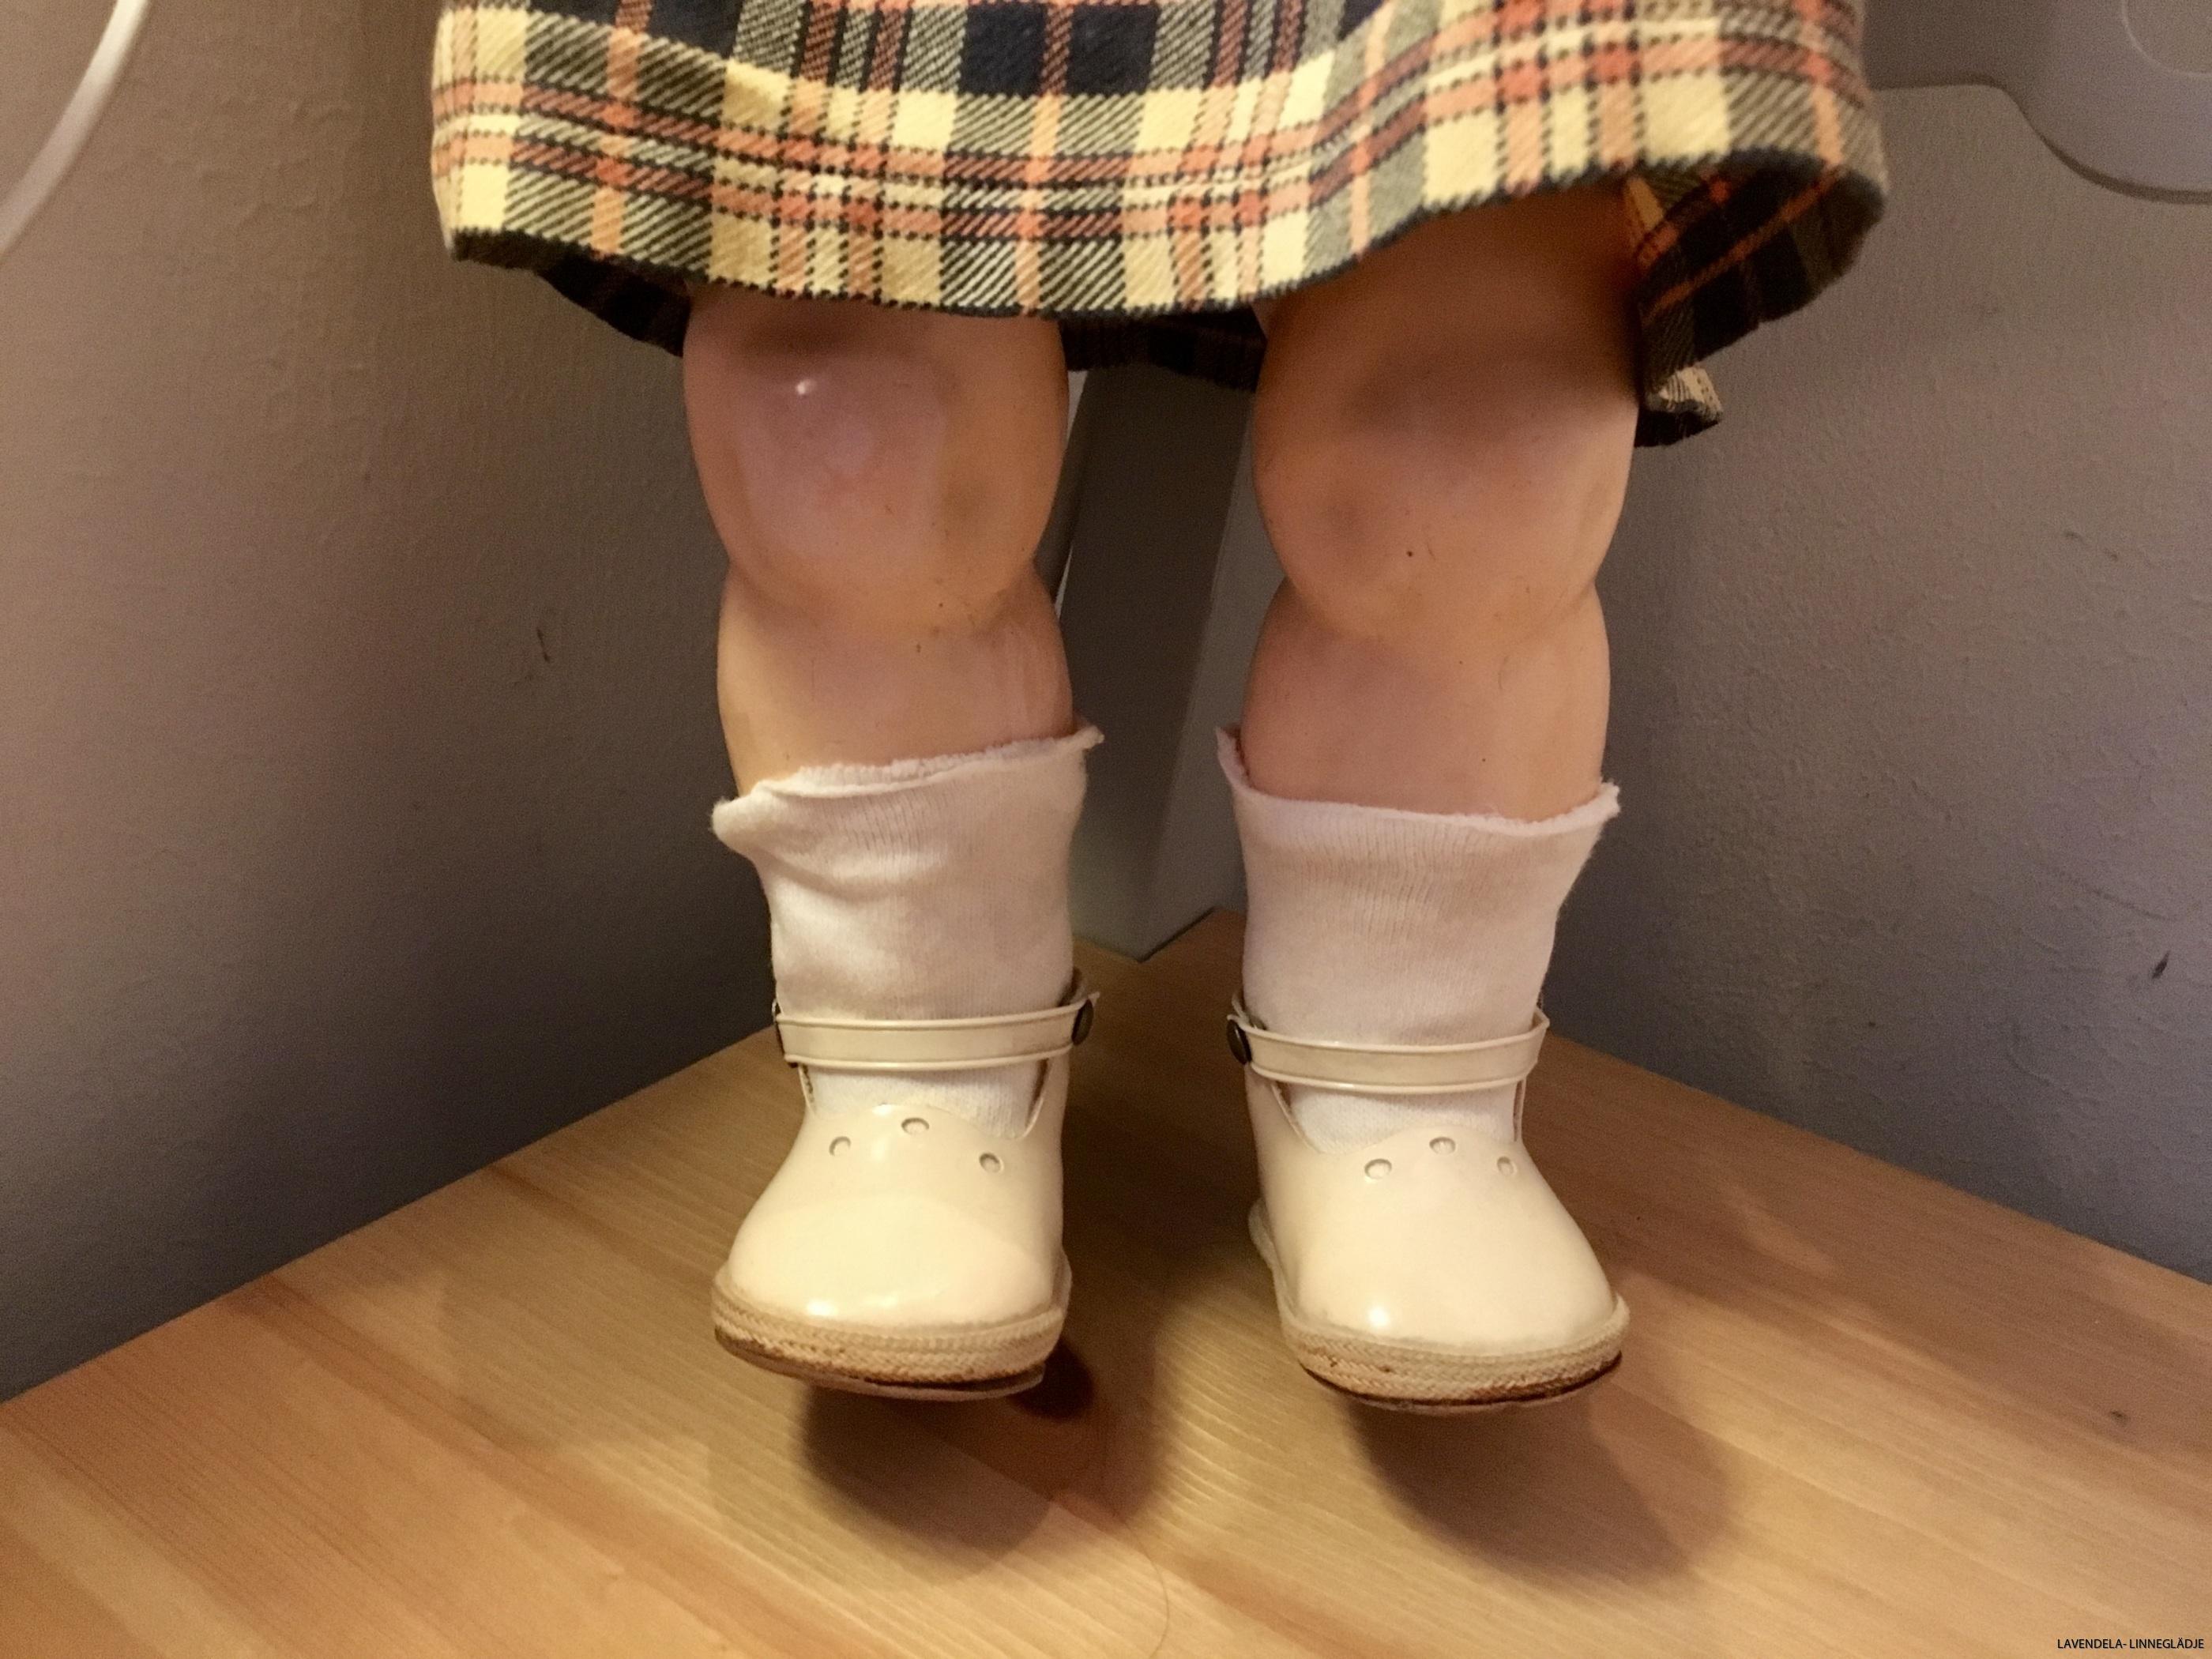 Fina strumpor och skor